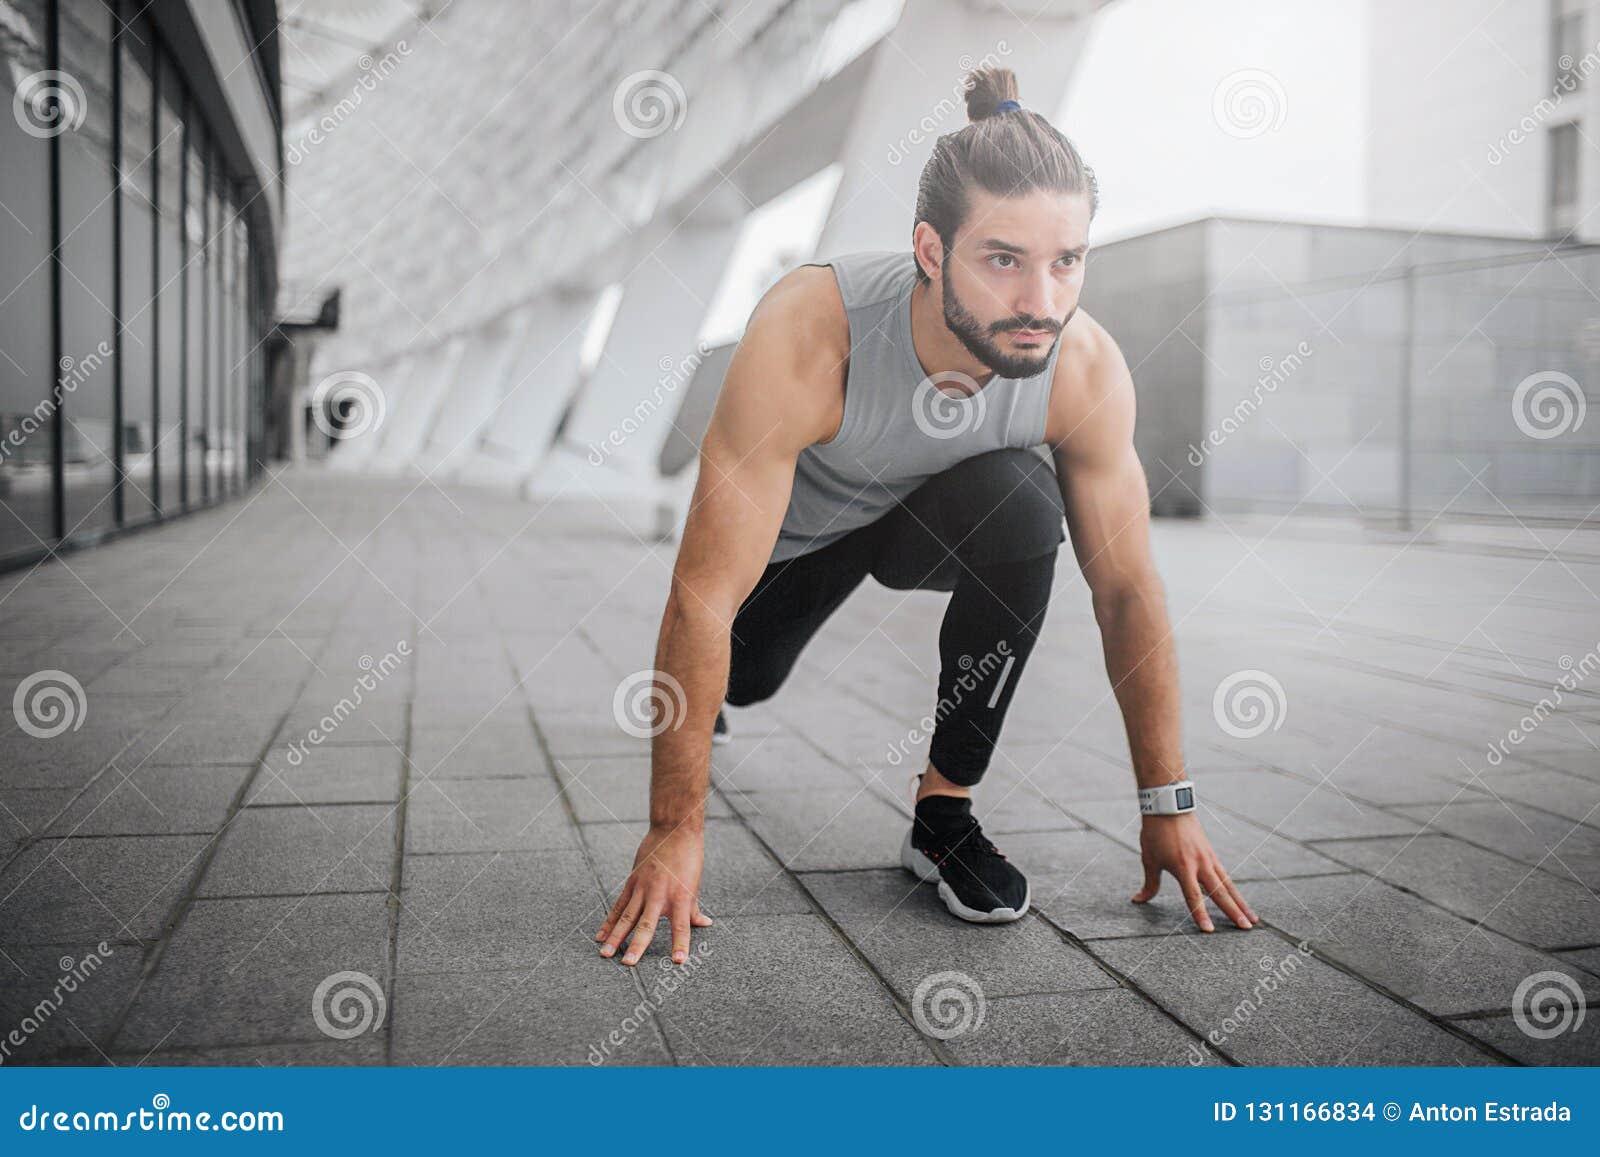 Изображение молодого человека готовое для бега Он стоит в положении спринта и выглядит прямодушным Гай готов побежать быстро он